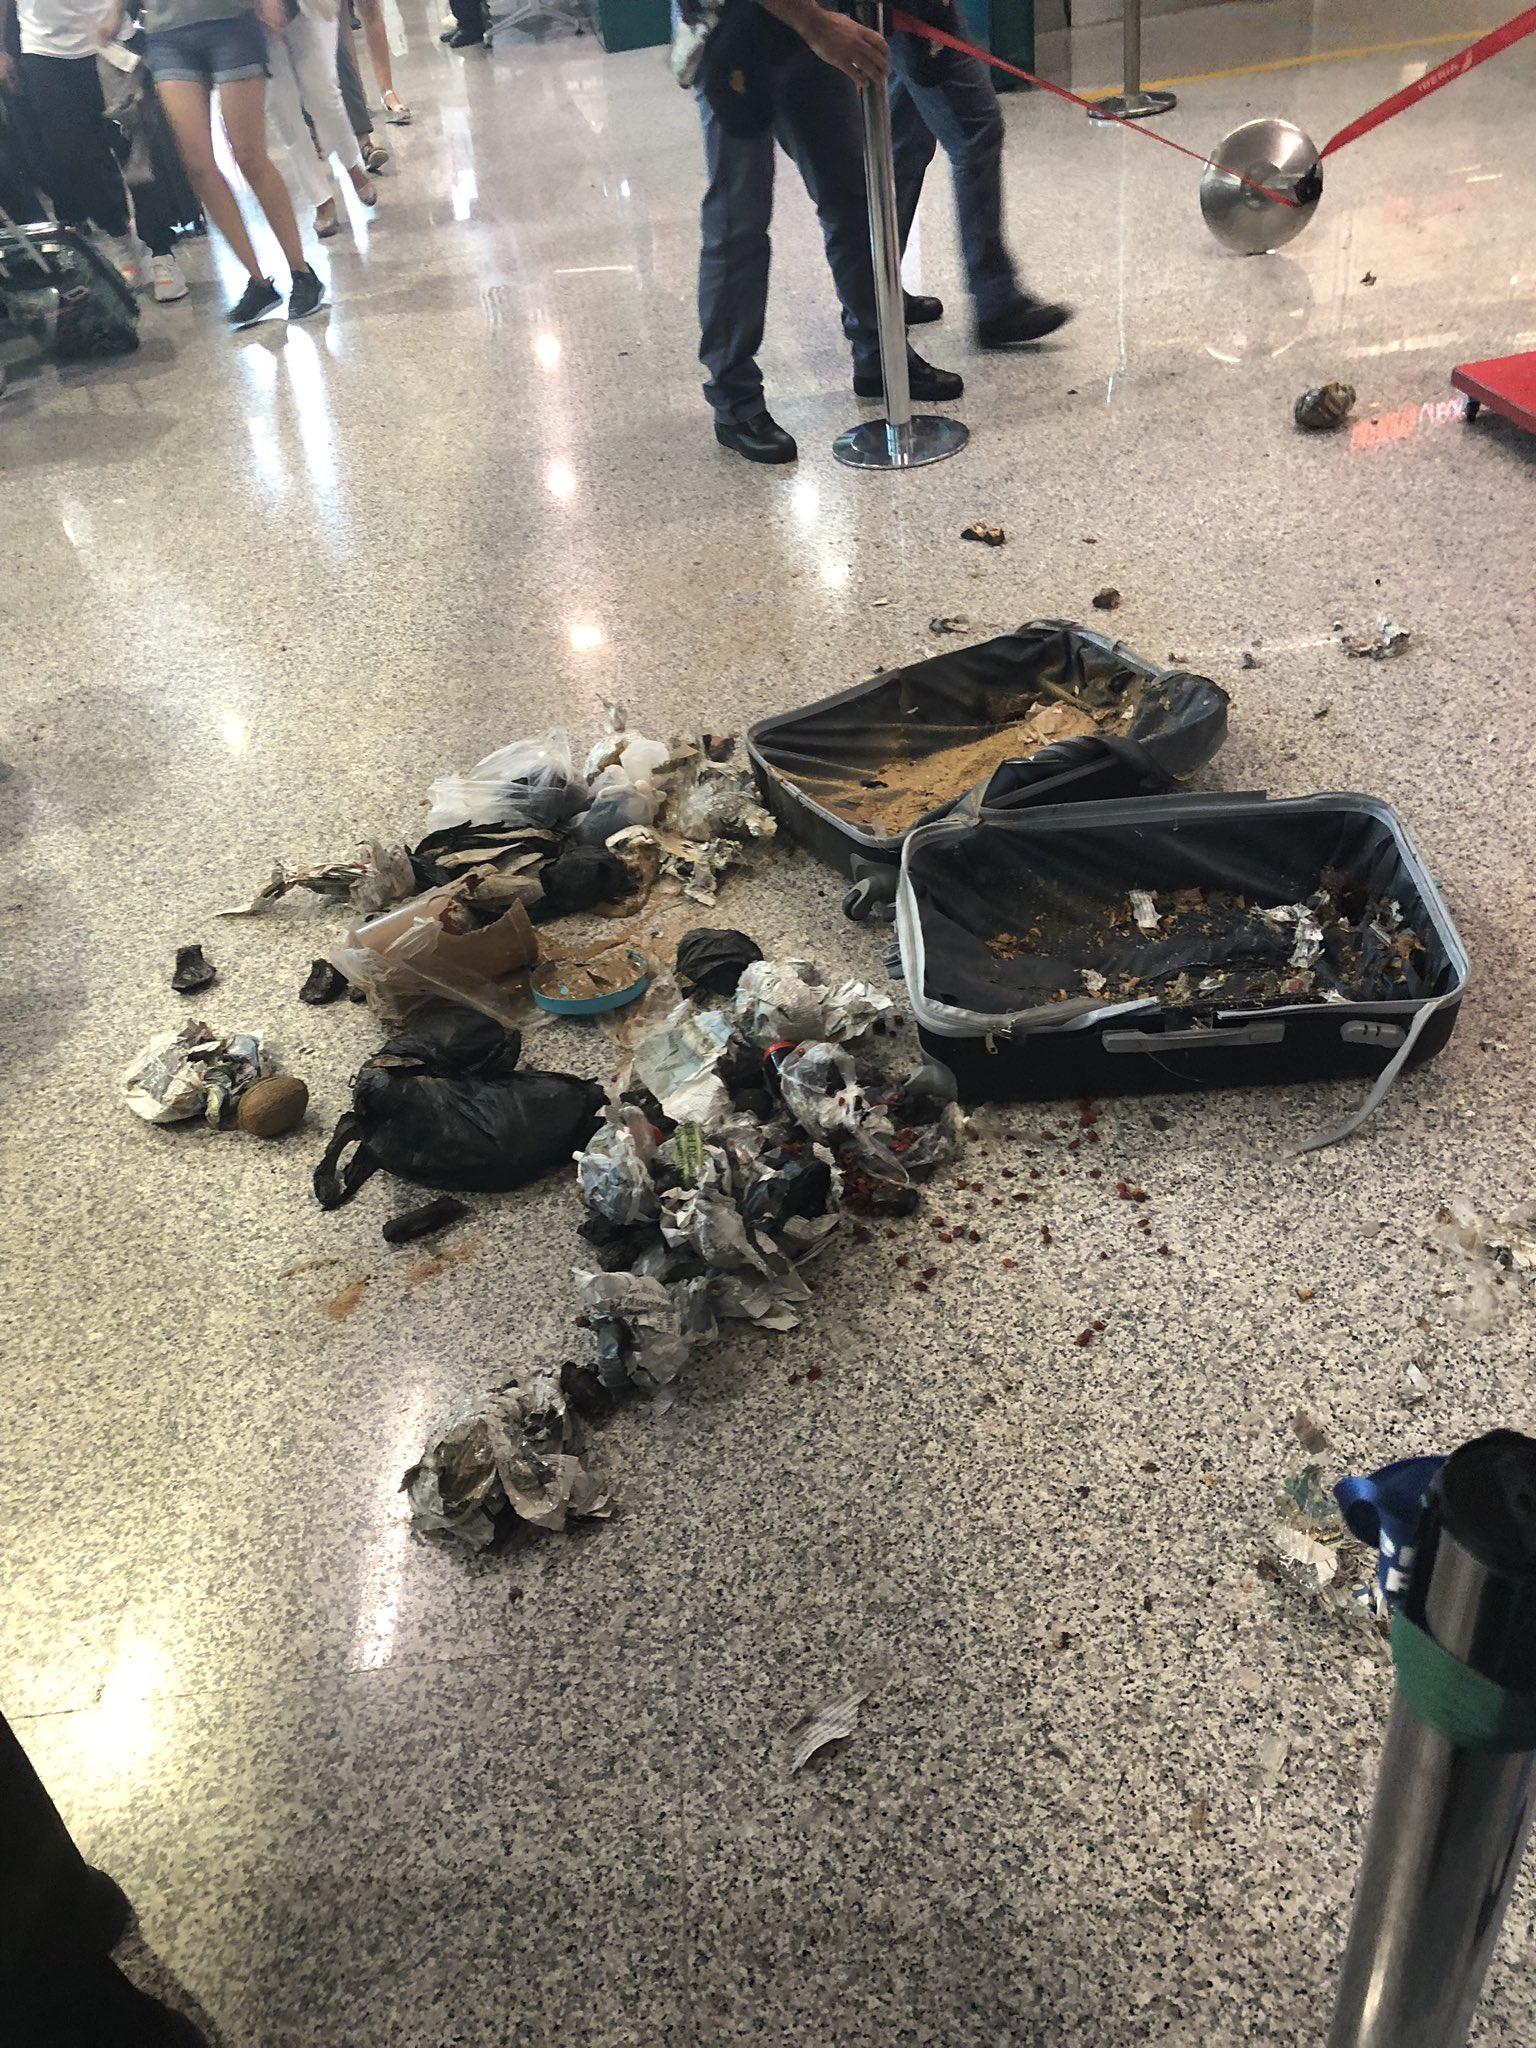 Restos de ropa arruinada, objetos de higiene personal y… ¡cocos! fue lo encontrado en una valija abandonada en el Aeropuerto de Fiumicino (Ned Donovan/Twitter)